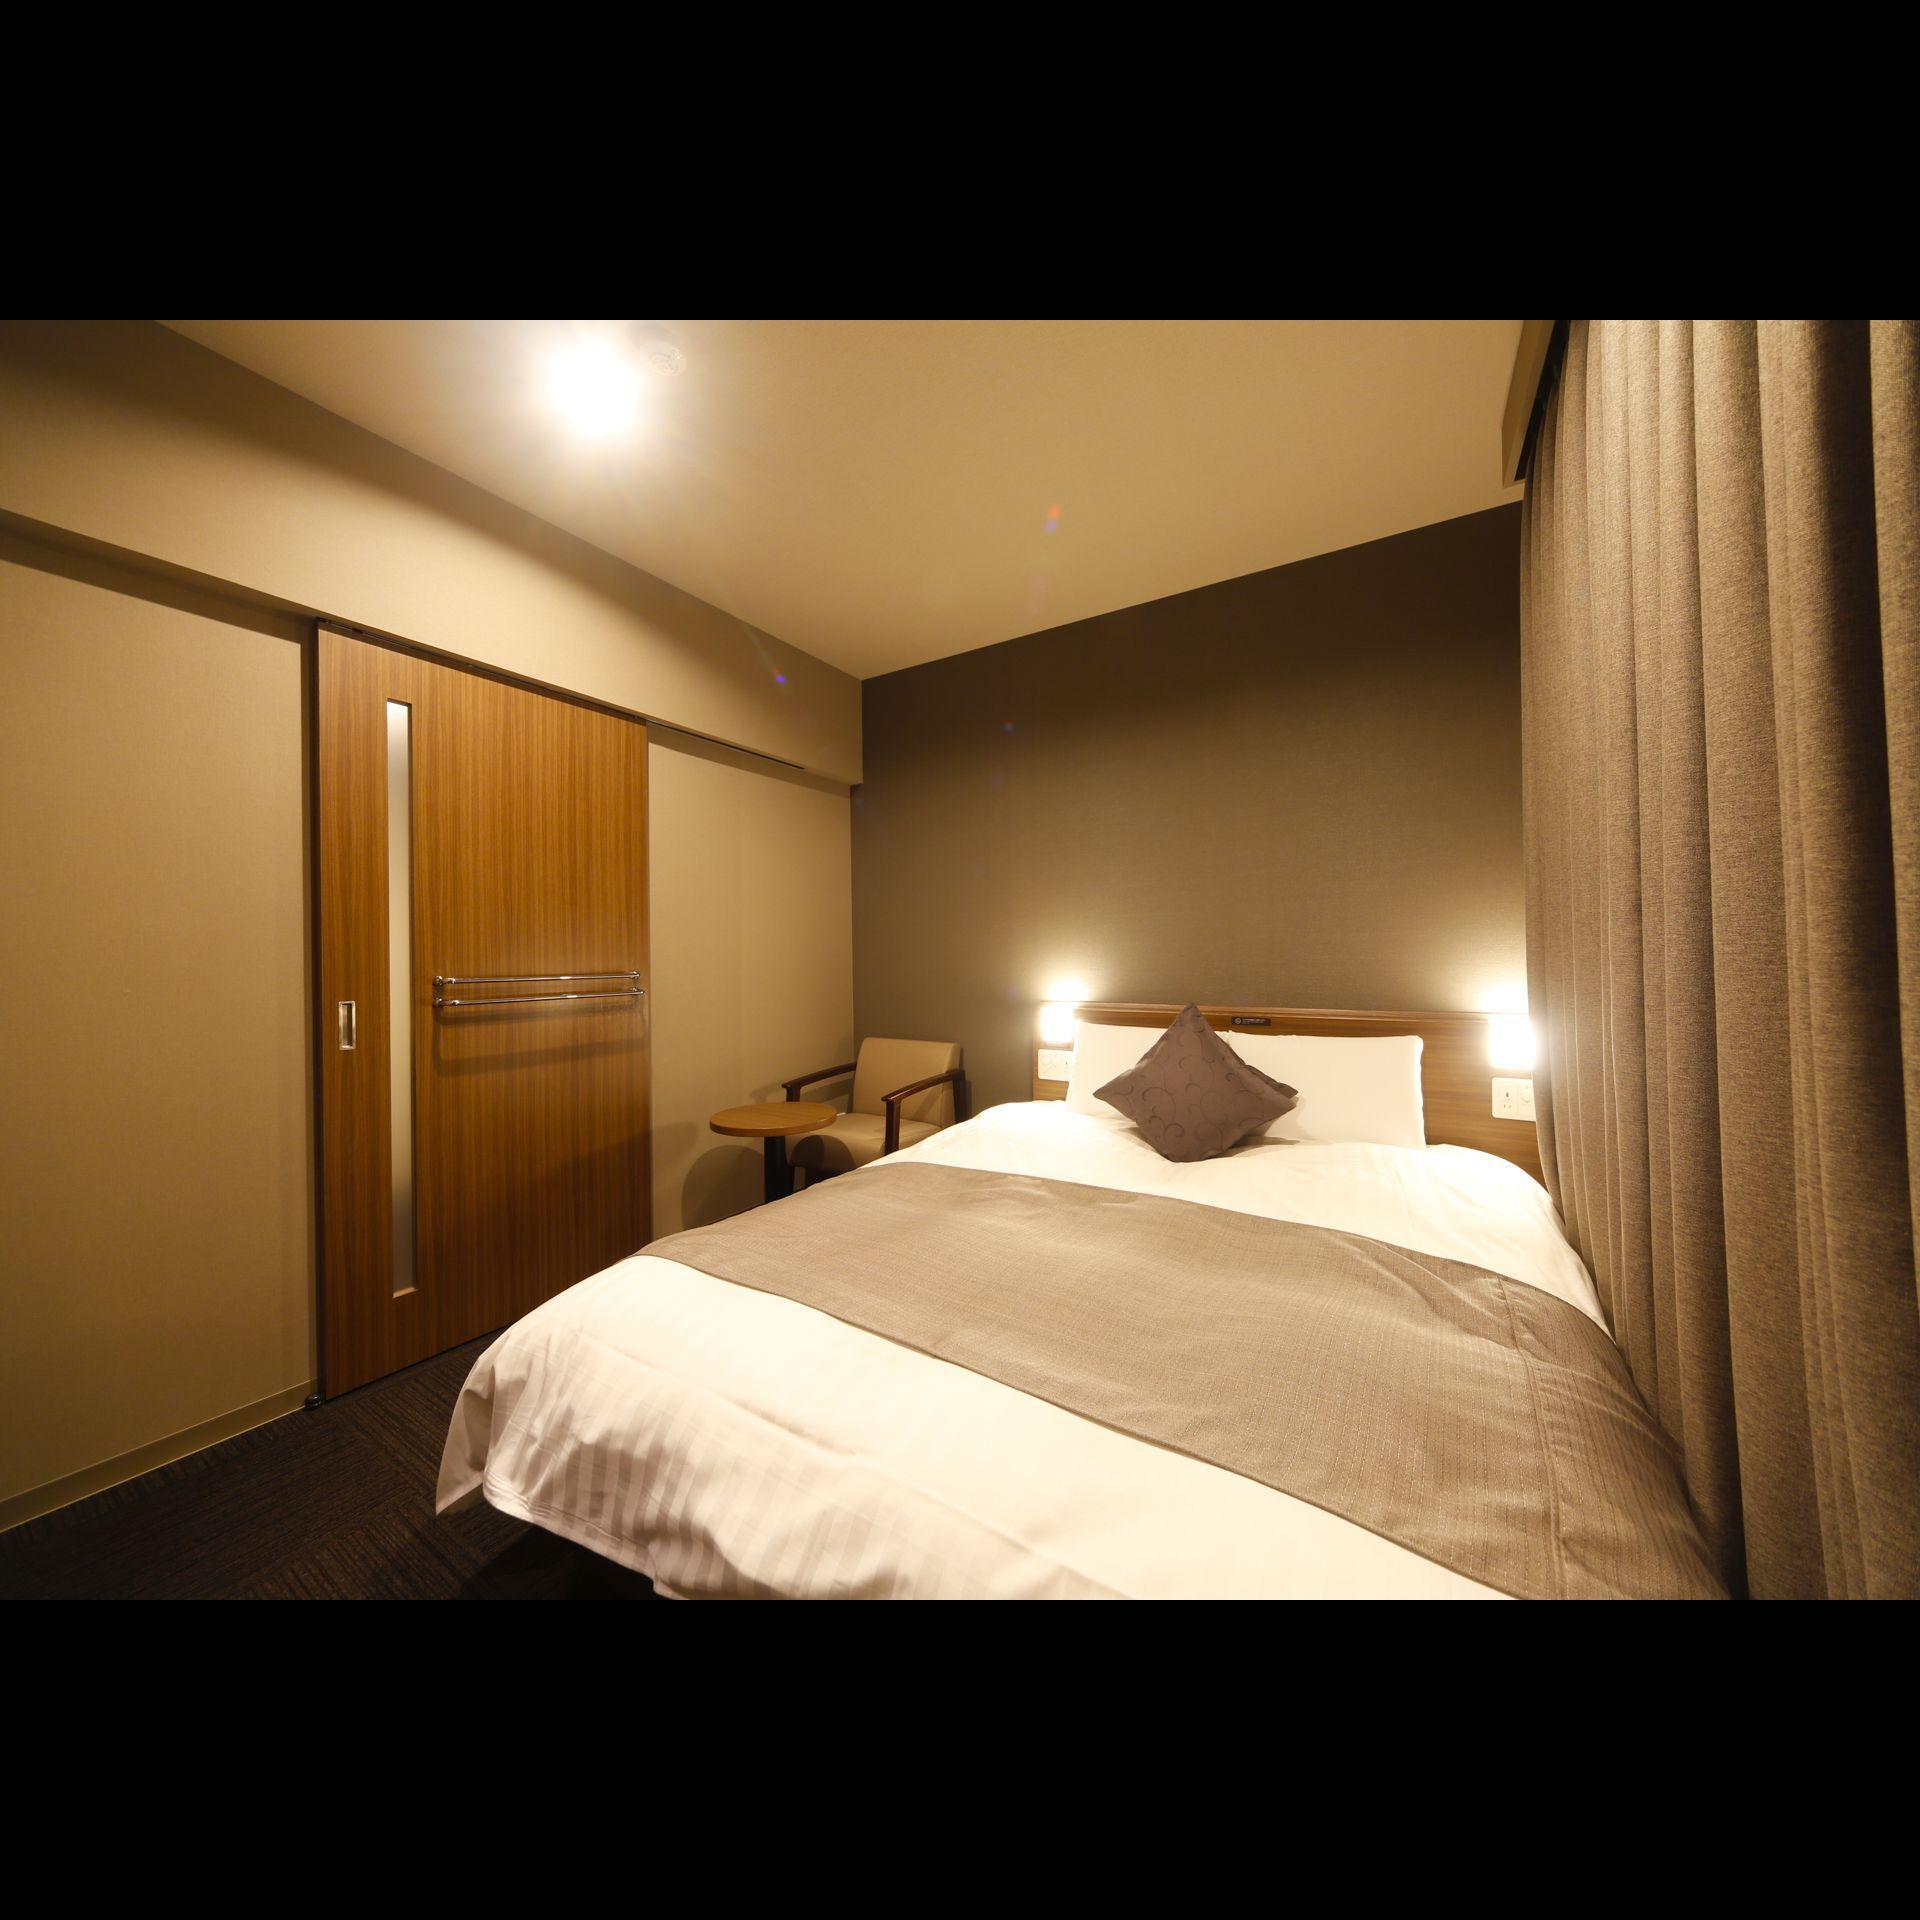 クイーンルーム■16平米 ■ベッドサイズ1,6001,950 ■新設されたクイーンルーム。今話題の